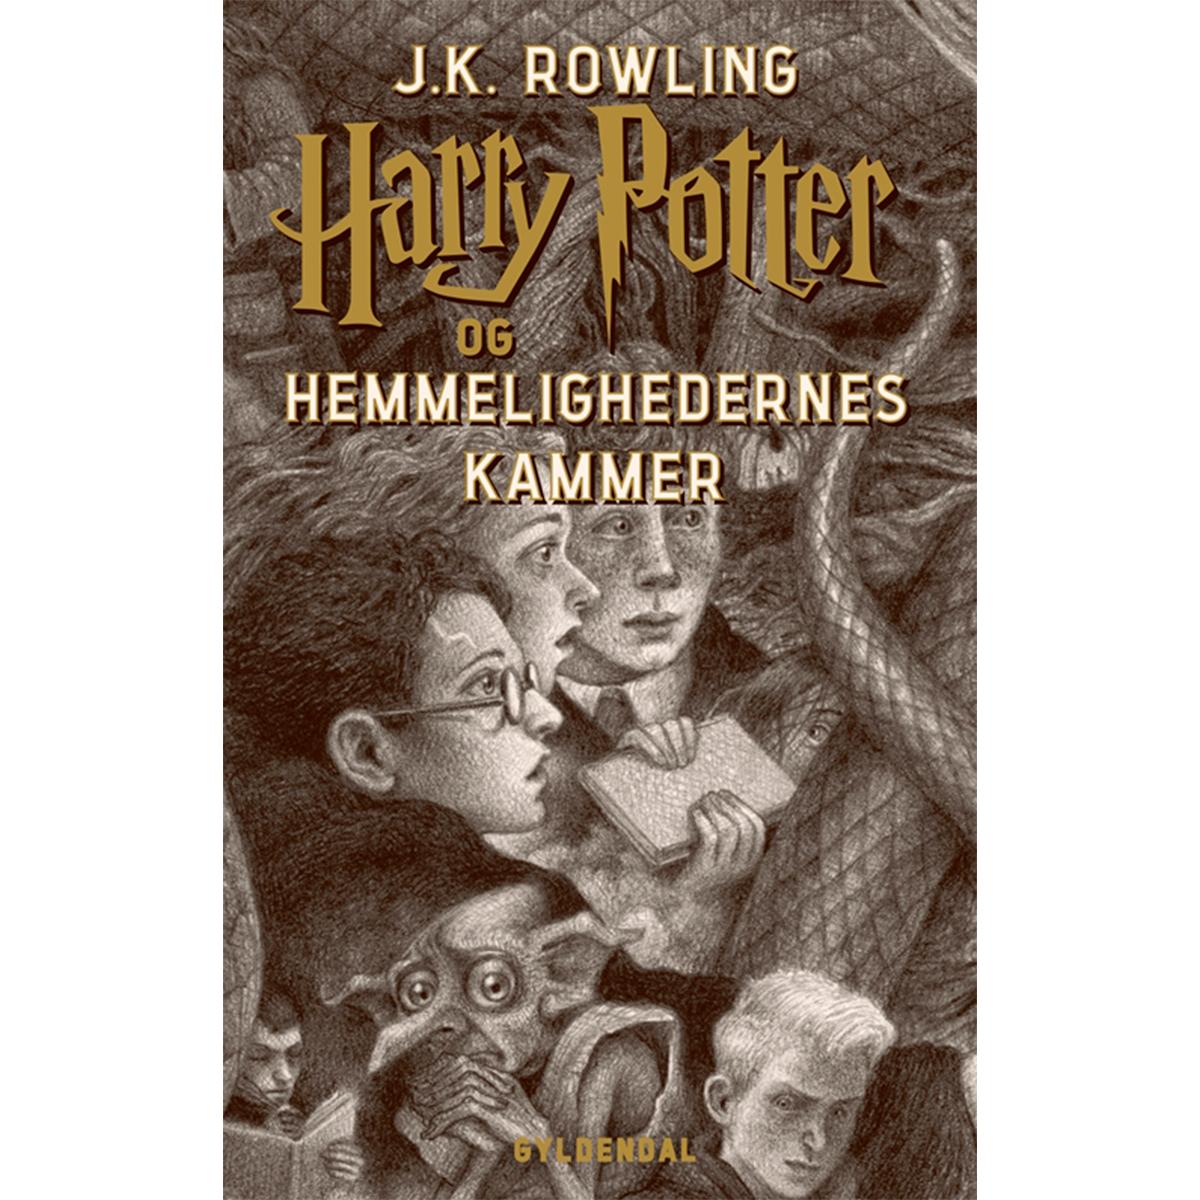 Harry Potter og hemmelighedernes kammer - Harry Potter 2 - Hæftet